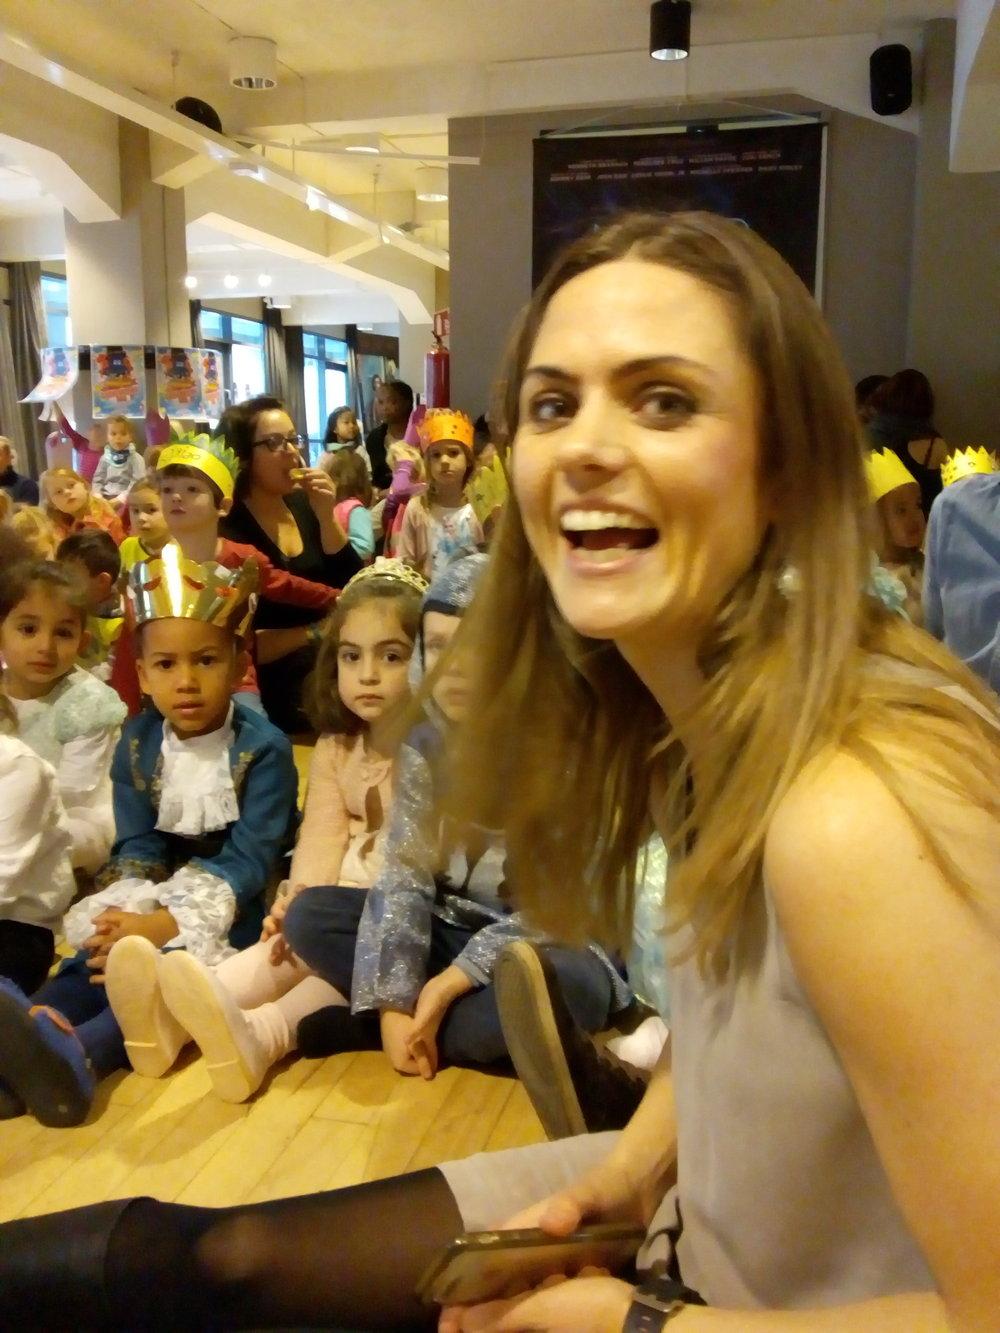 Barn og voksne lot seg begeistre av opplegget under Abloom filmfestival. Blant annet Sjokoladefabrikken barnehage og pedagogisk leder Maren Støyva Estrada.